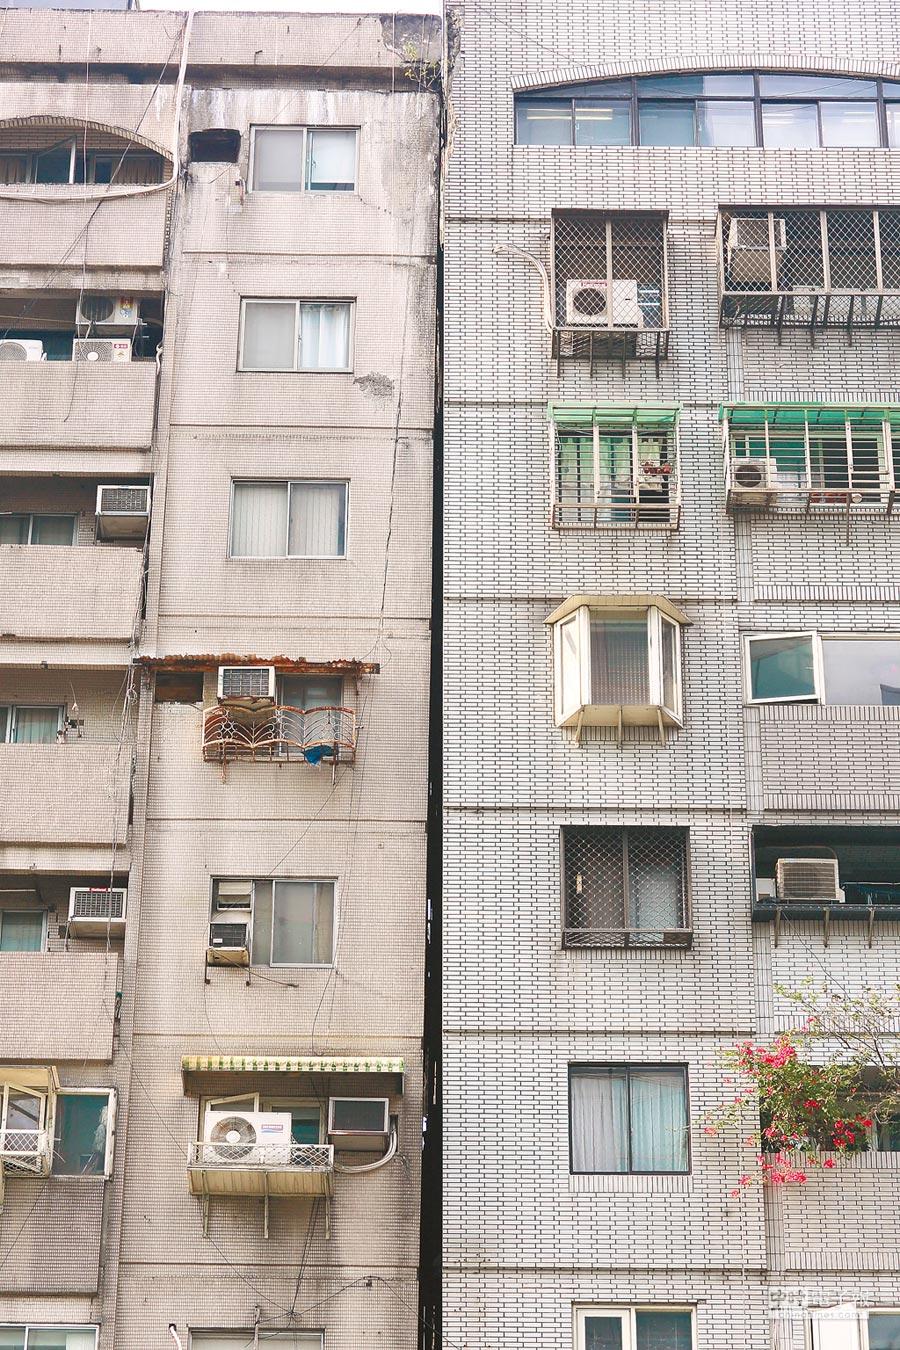 花蓮4月18日發生芮氏規模6.1地震,位於北市信義路4段的富貴角大樓,疑因地震發生傾斜情形,經建管處會同專業公會鑑定後,認定並無立即危險。(本報資料照片)